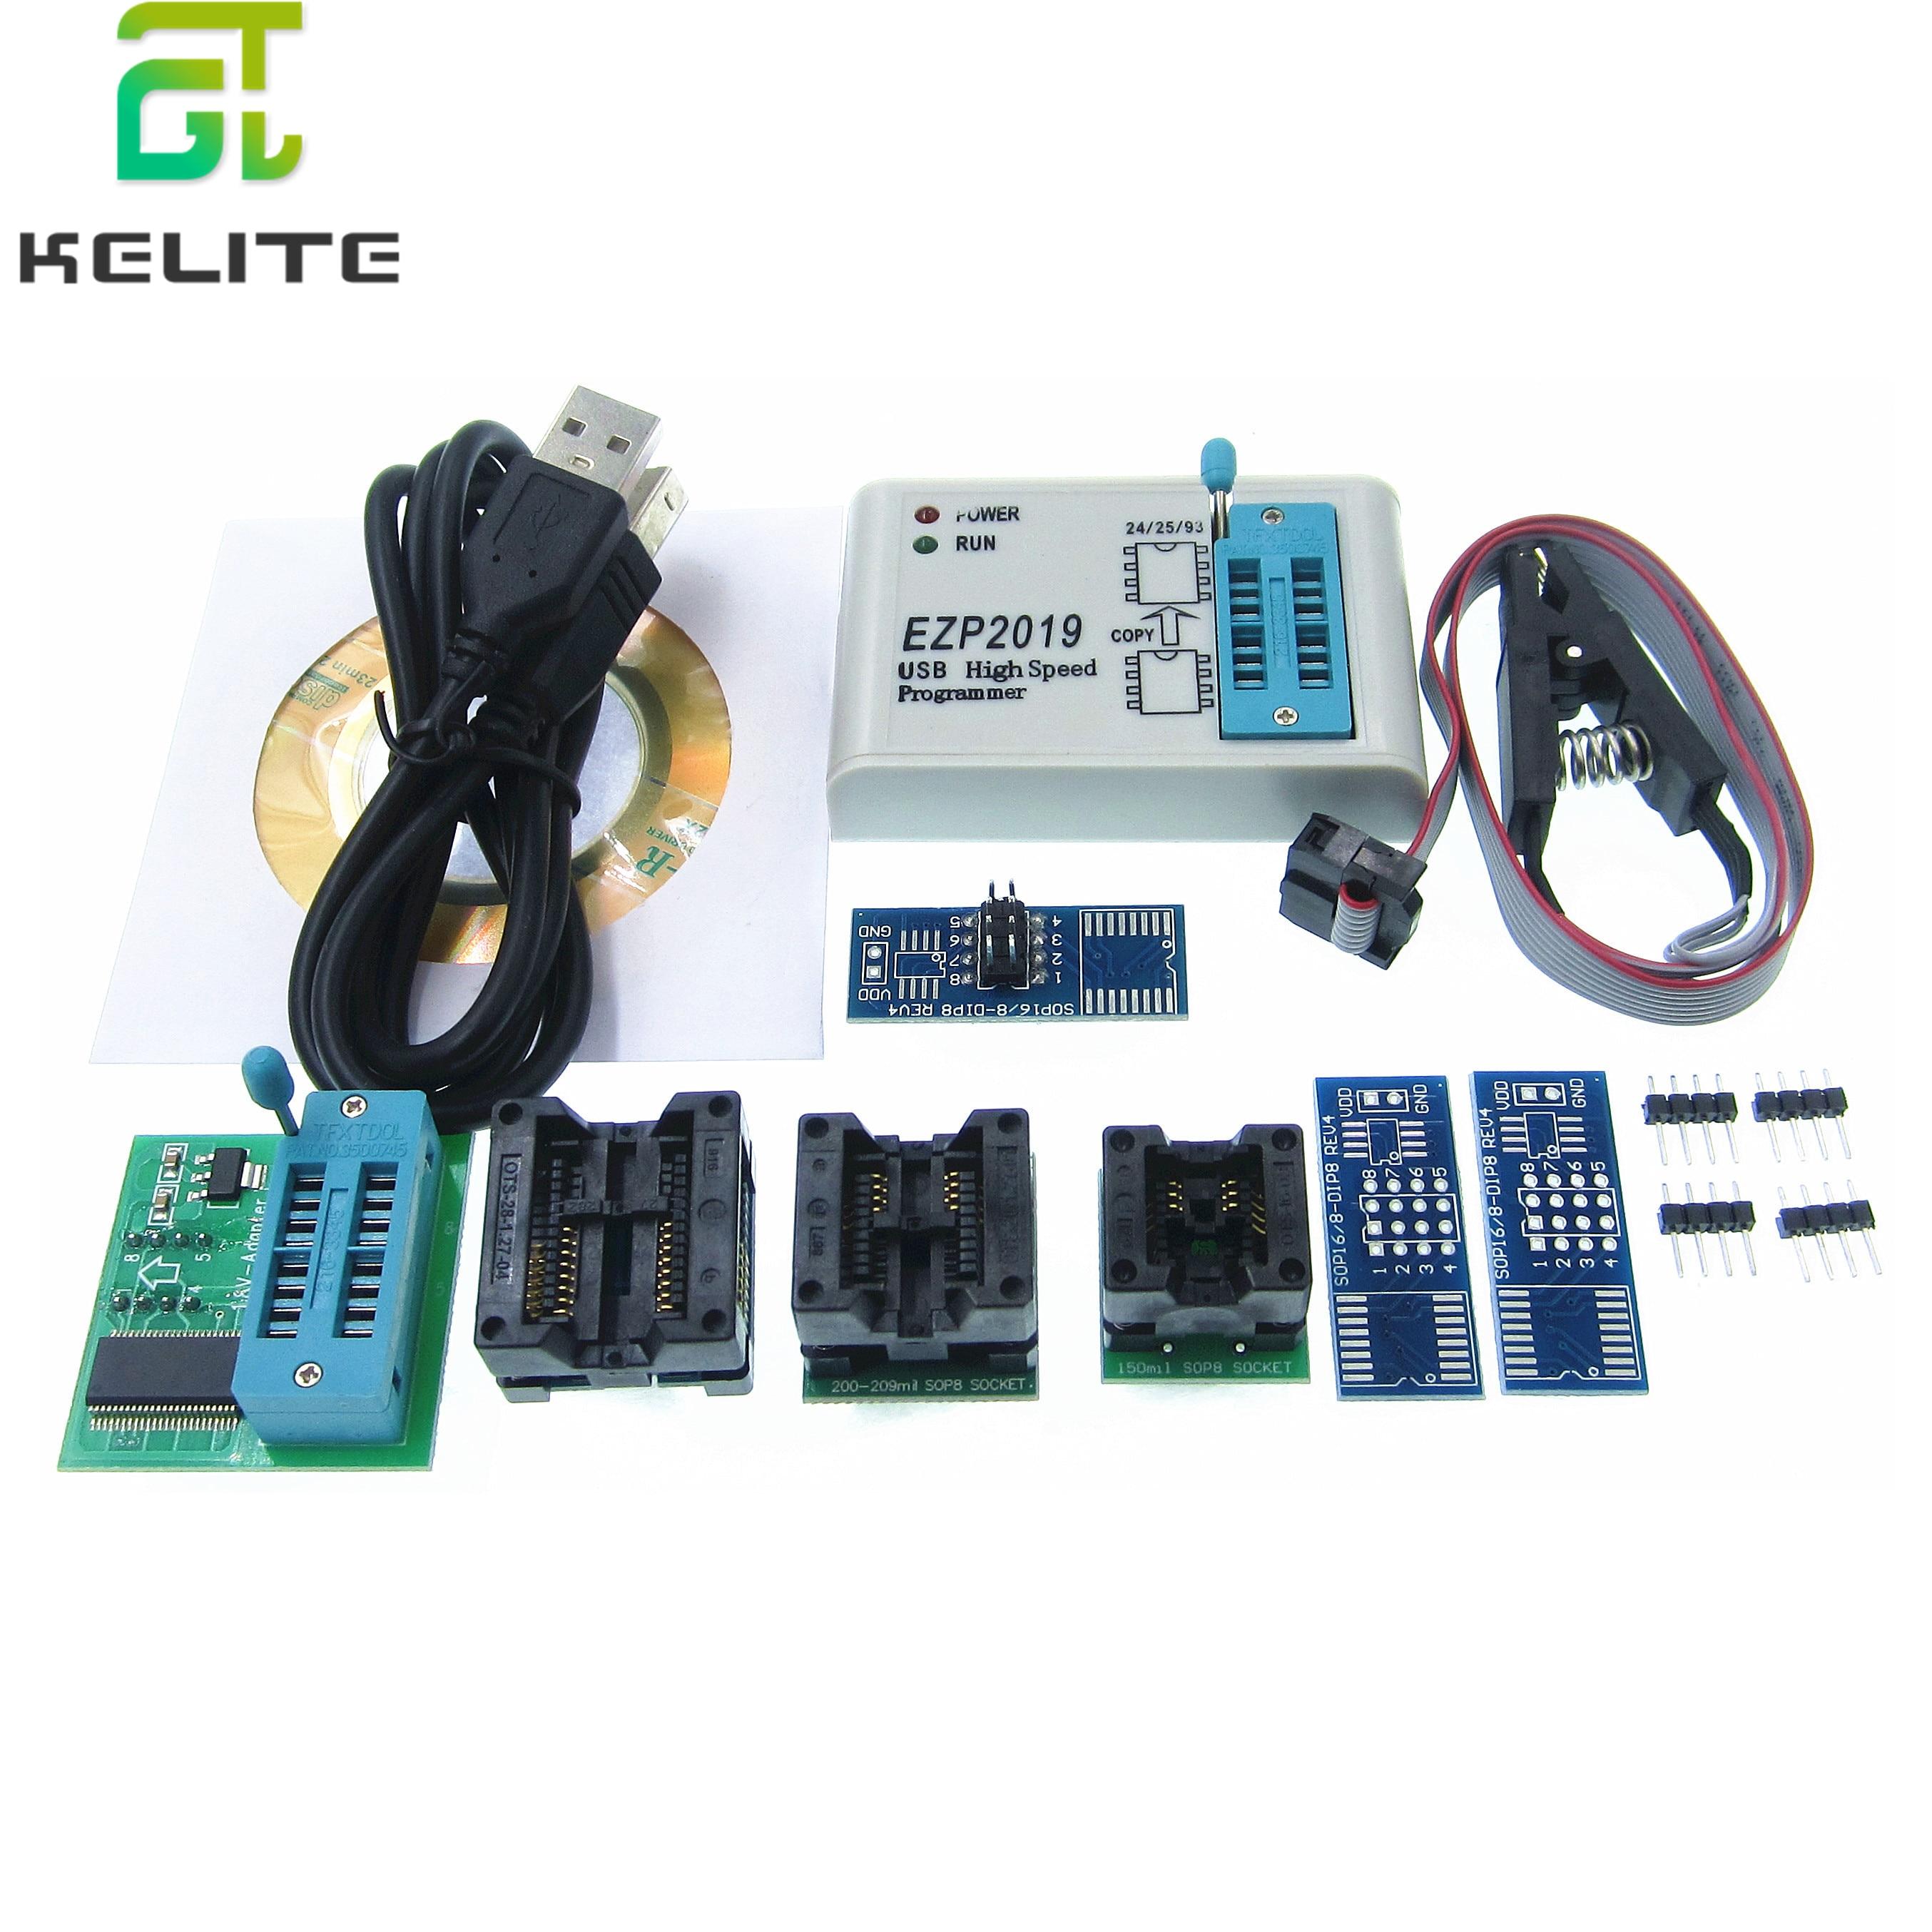 Programmeur USB haute vitesse EZP2019 avec 6 prises en charge 24 25 26 93 EEPROM 25 prise en charge de la puce bios flash WIN7 & WIN8 EZP2013 EZP2010